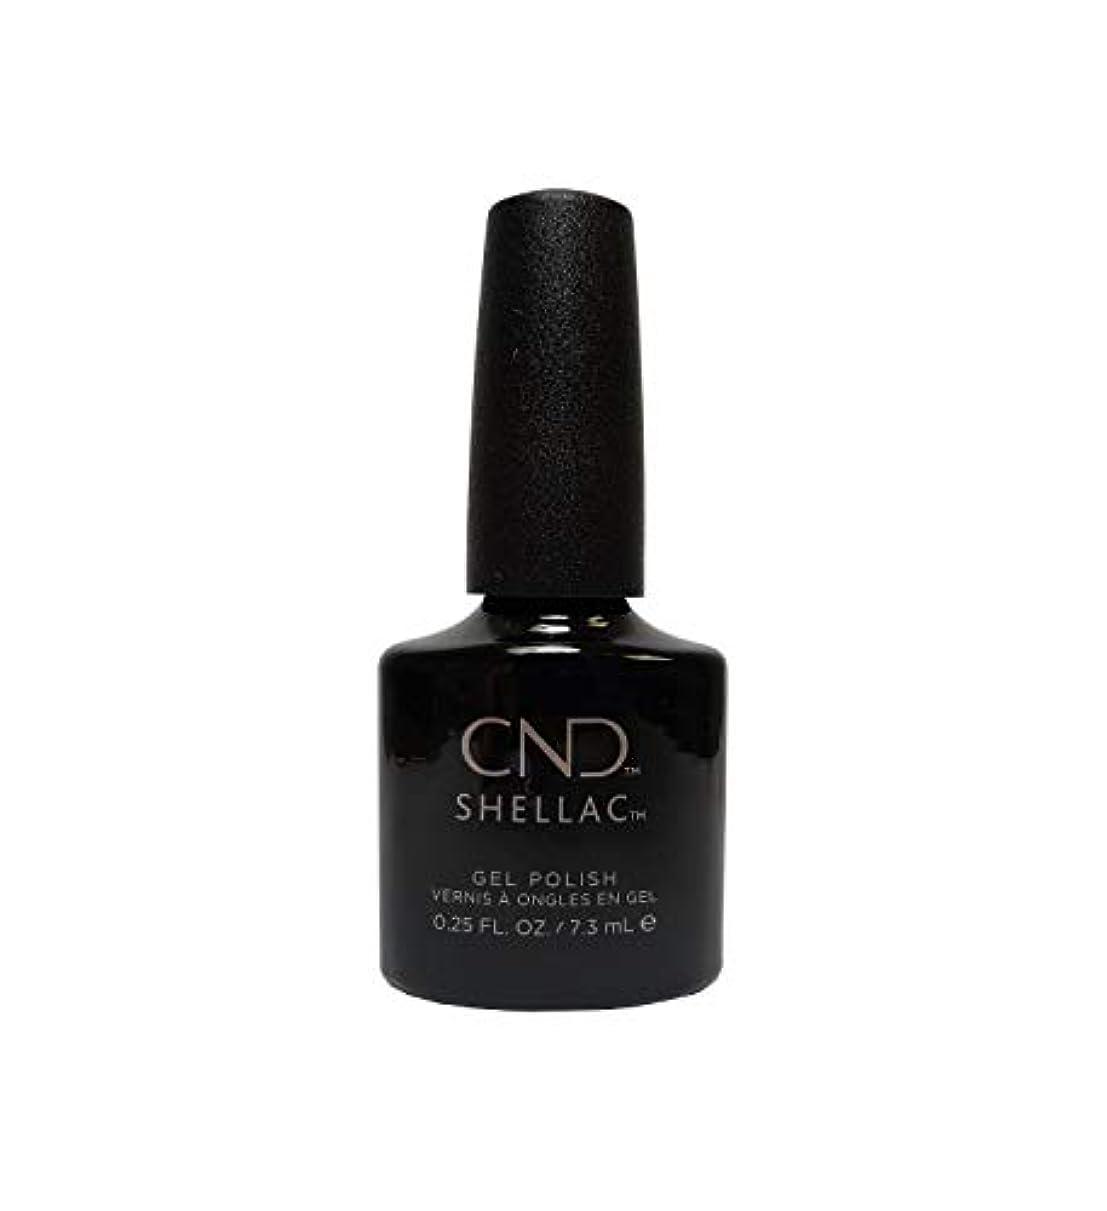 CND シェラック UVカラーコート 518 7.3ml